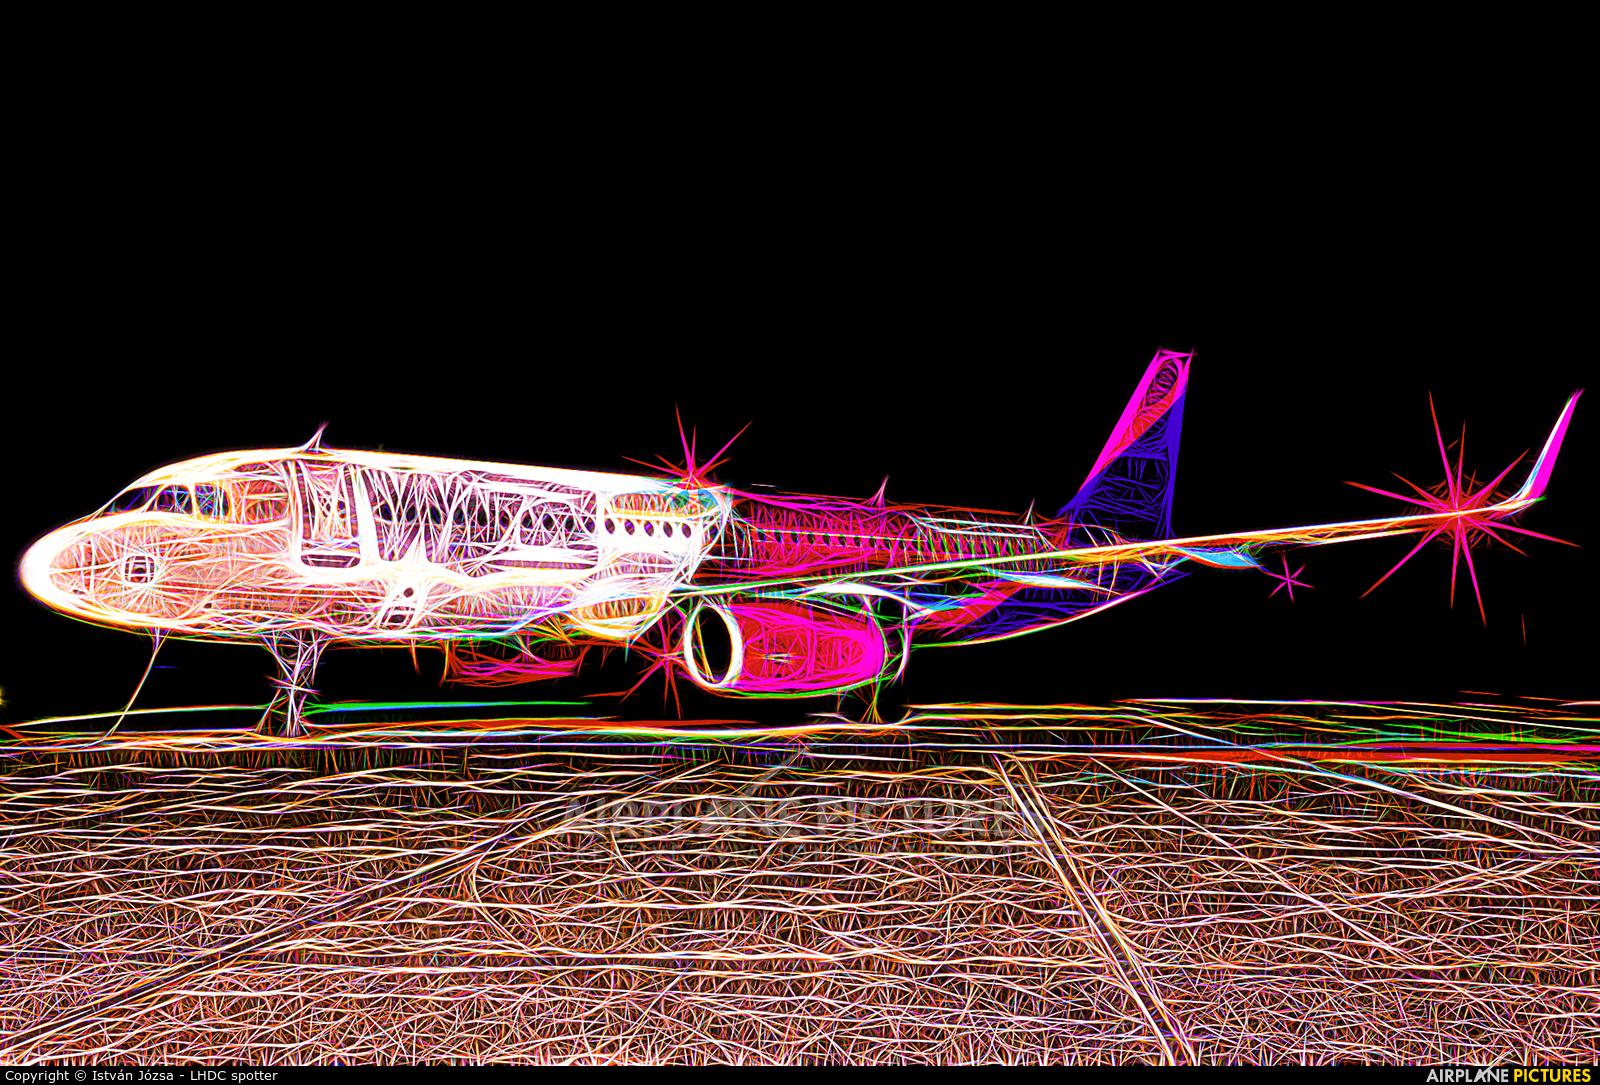 Wizz Air HA-LYS aircraft at Debrecen Intl